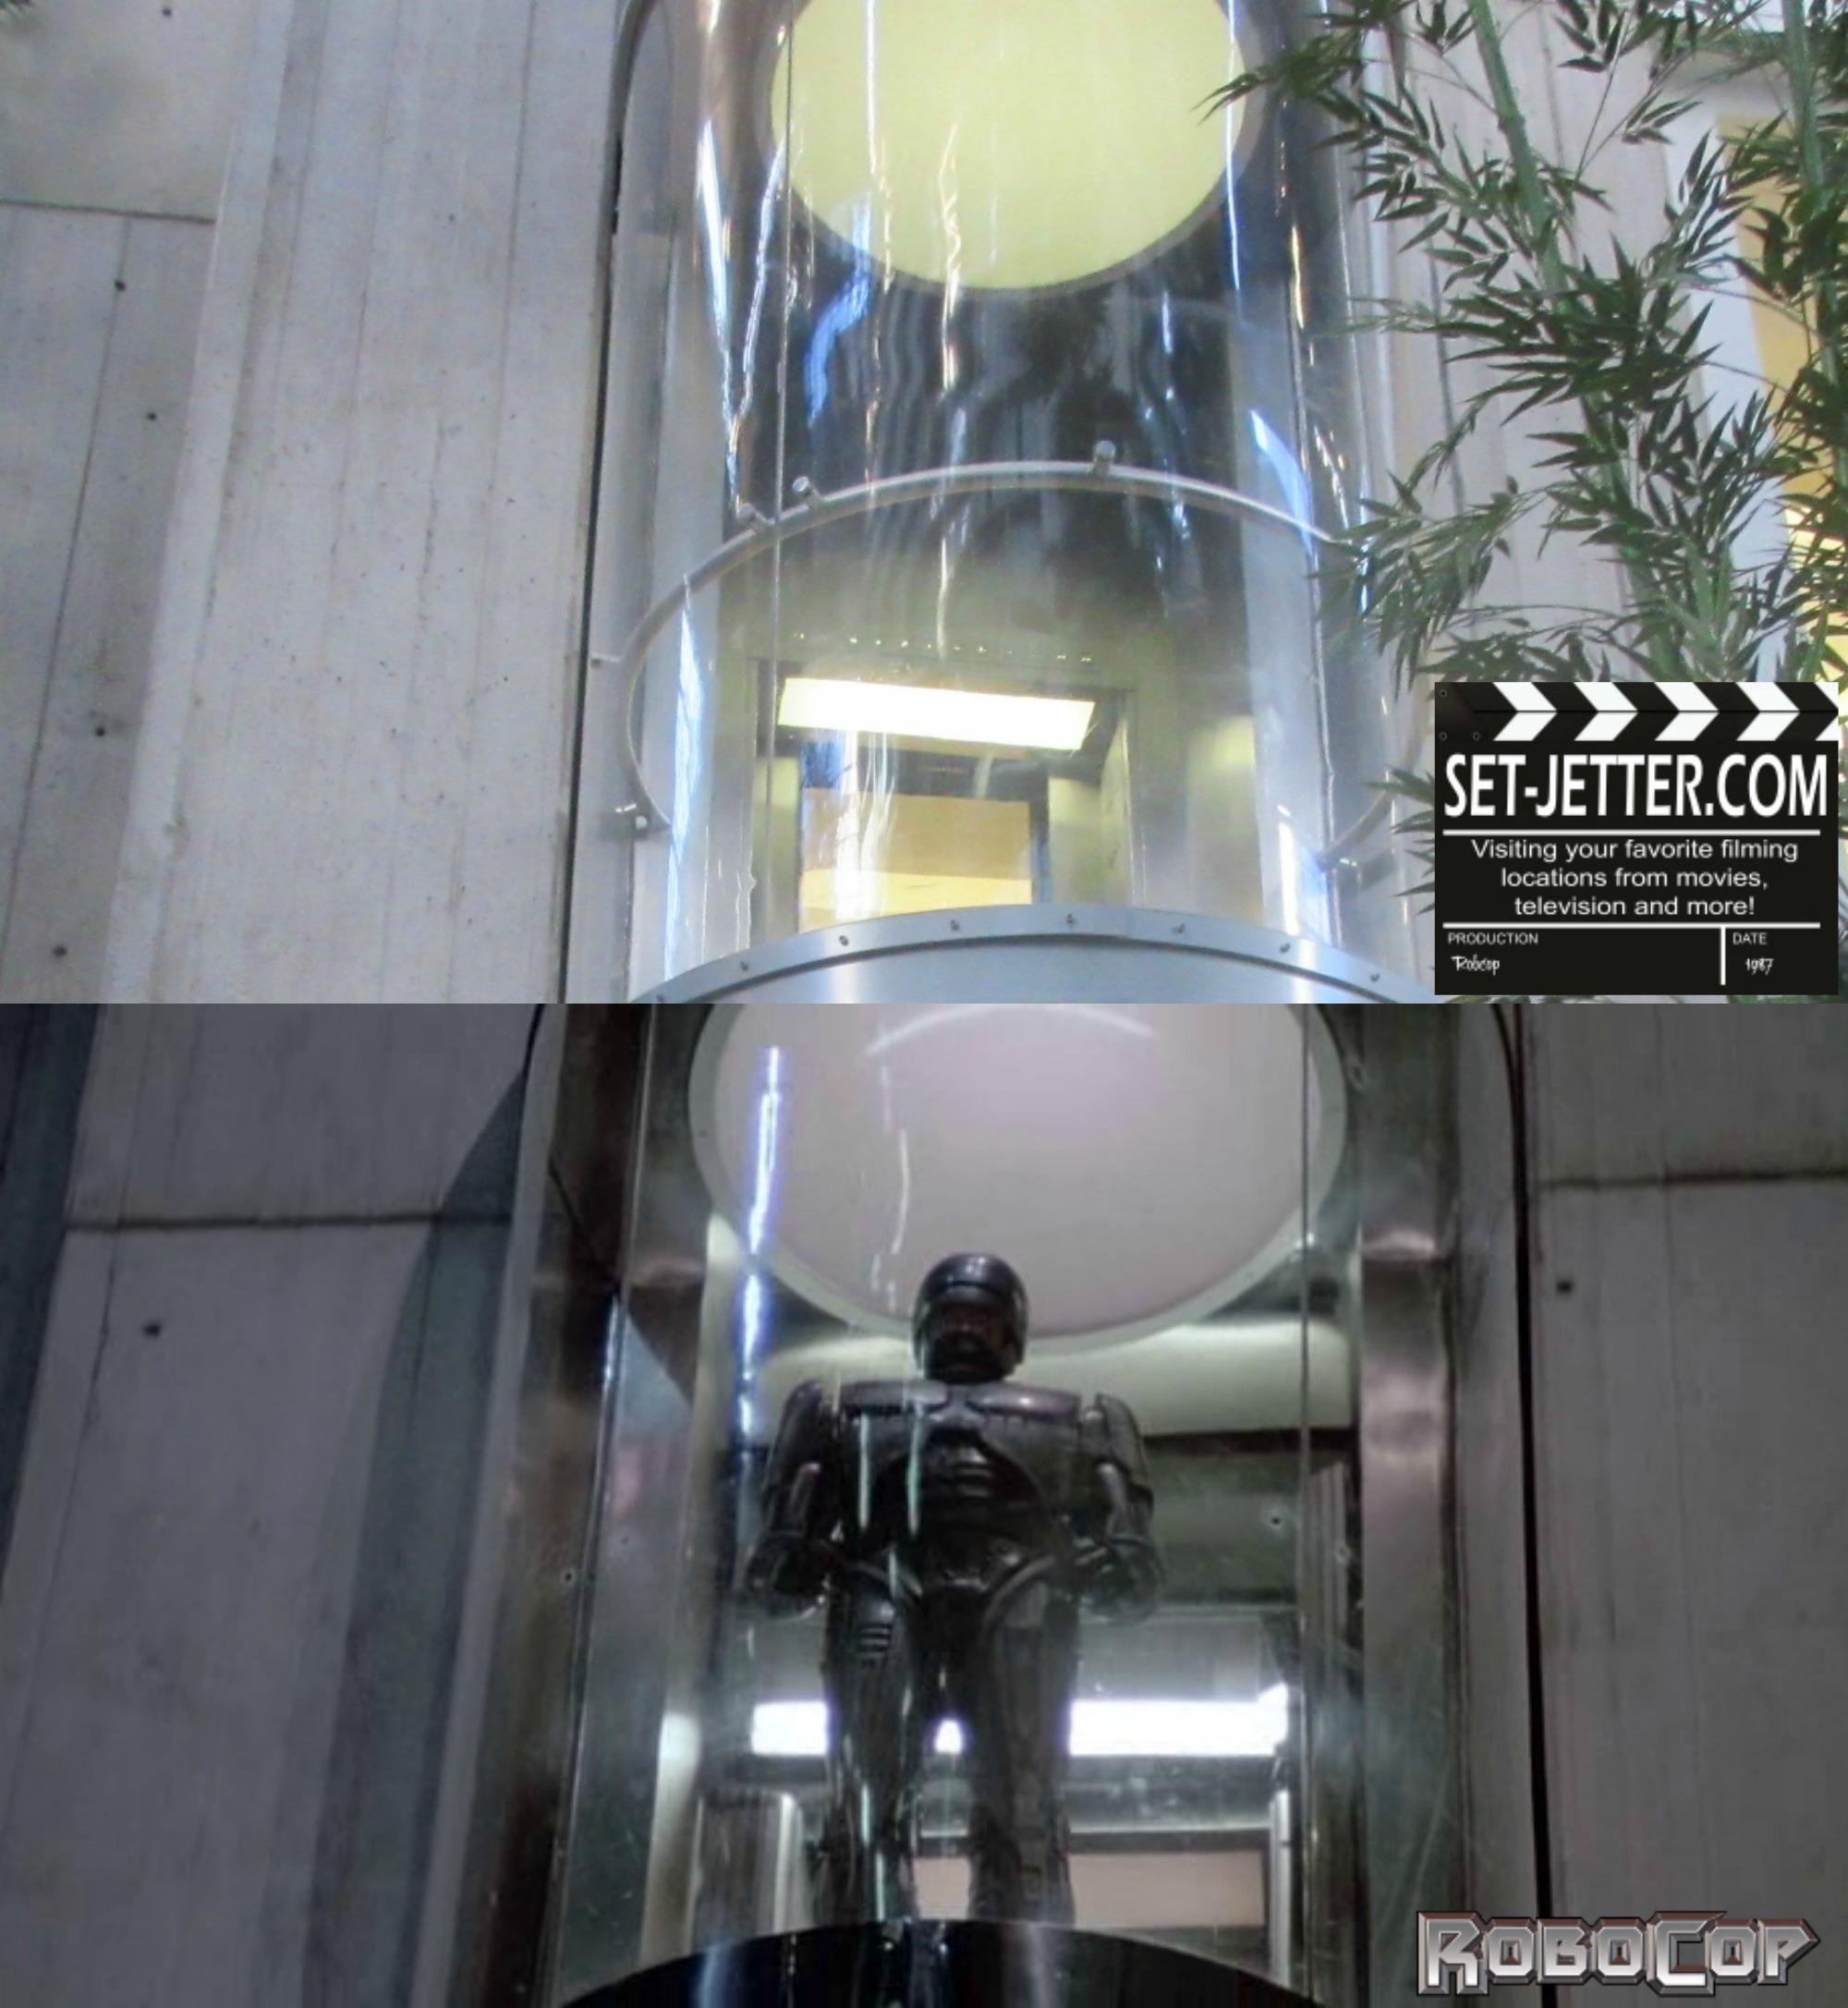 Robocop comparison 26.jpg